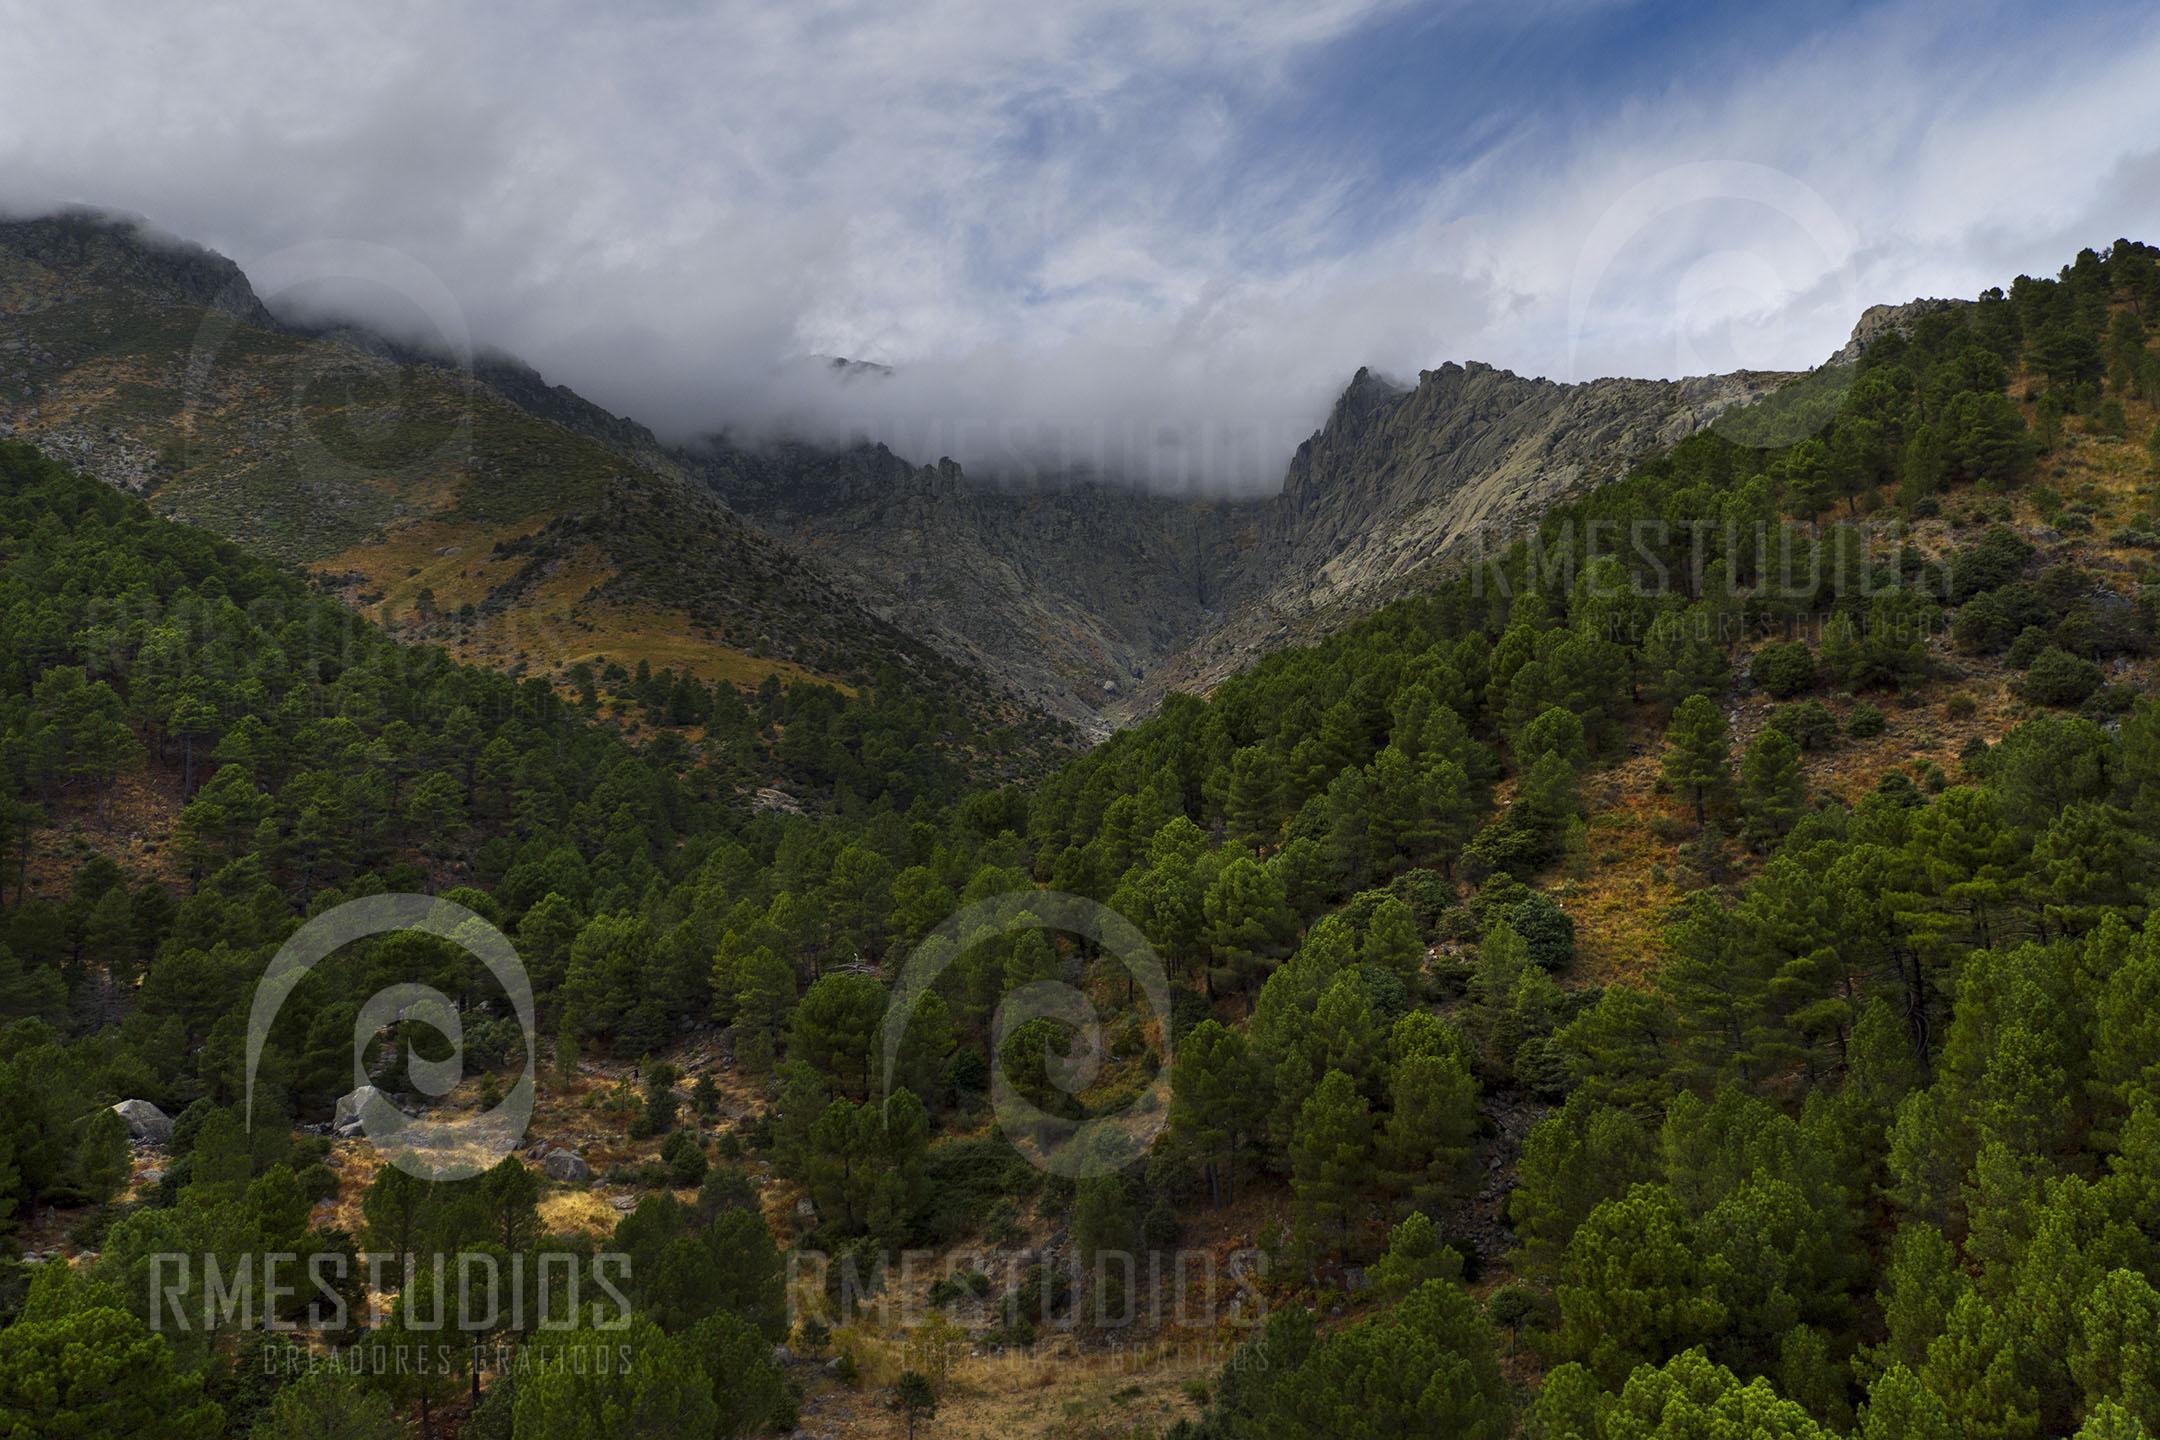 Sierra de Gredos, Nogal del Barranco (Guisando)